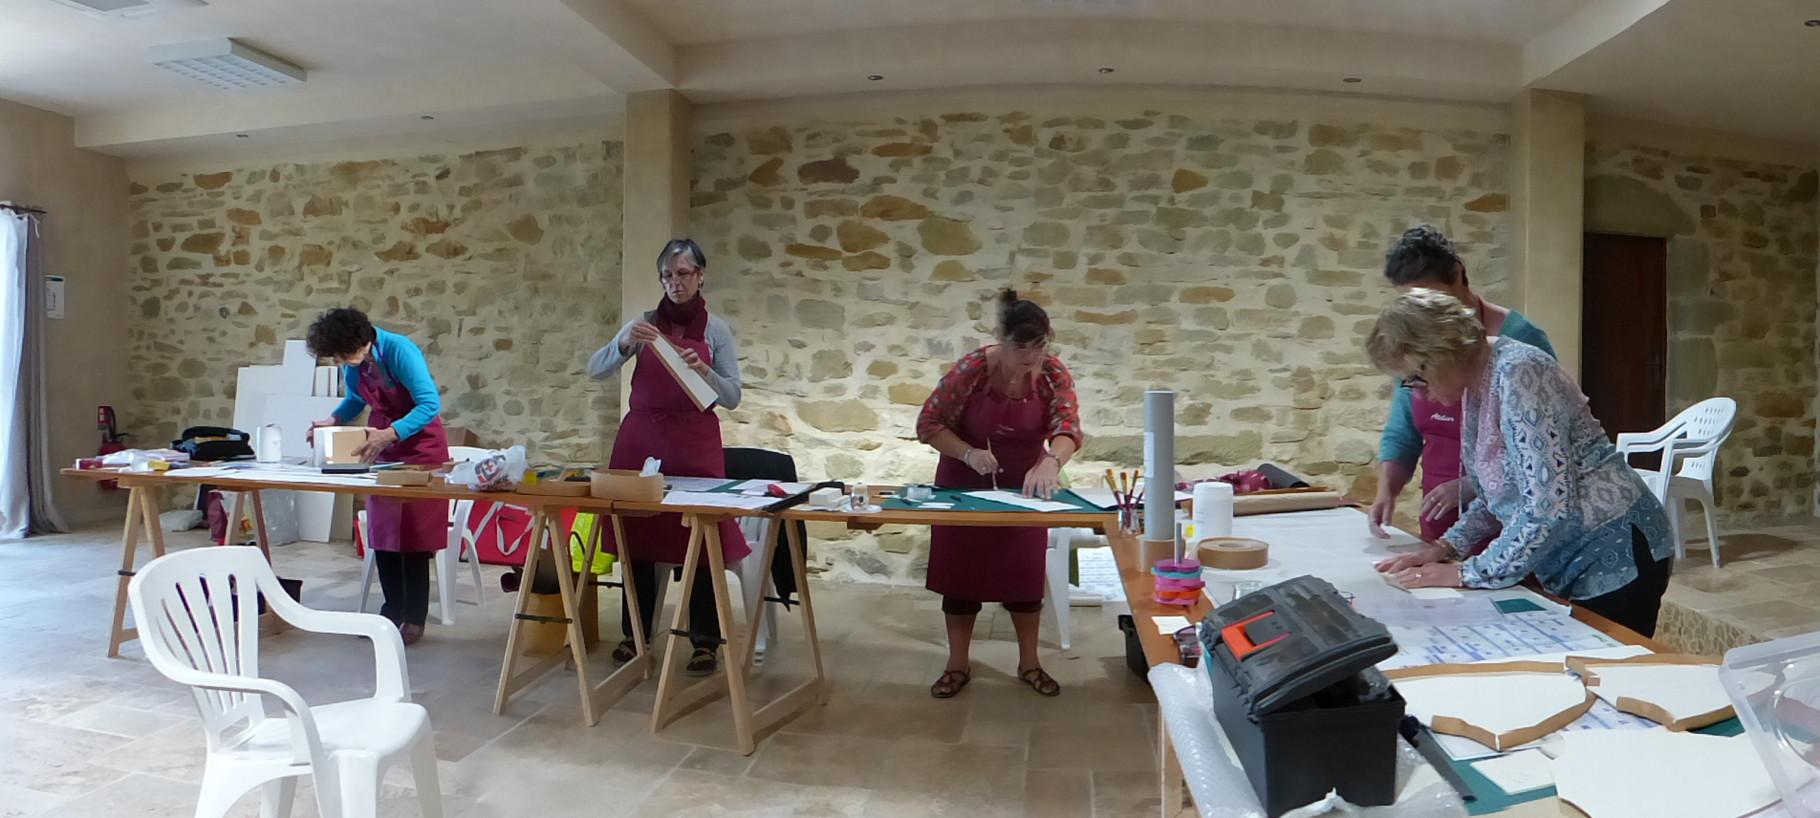 salle des cours Nathalie et Monique